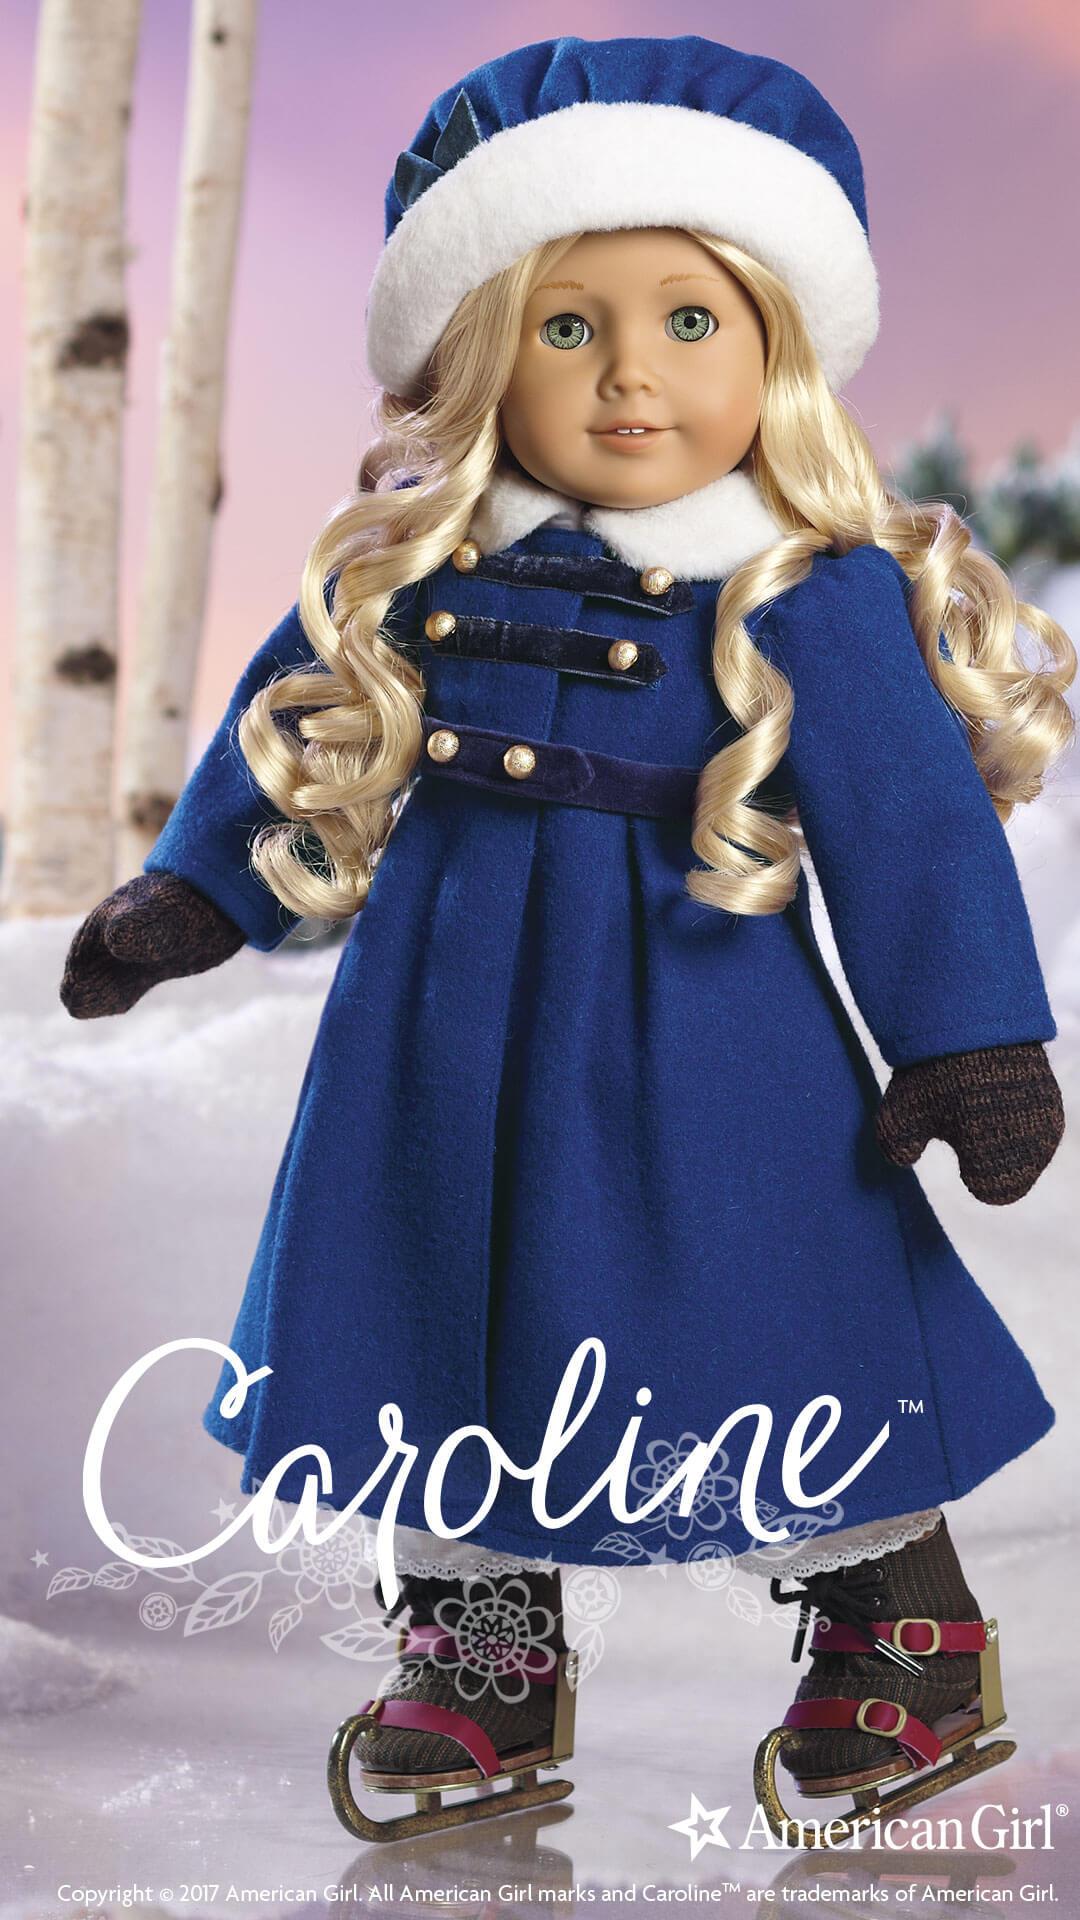 Caroline Abbott 1812 BeForever Play at American Girl 1080x1920